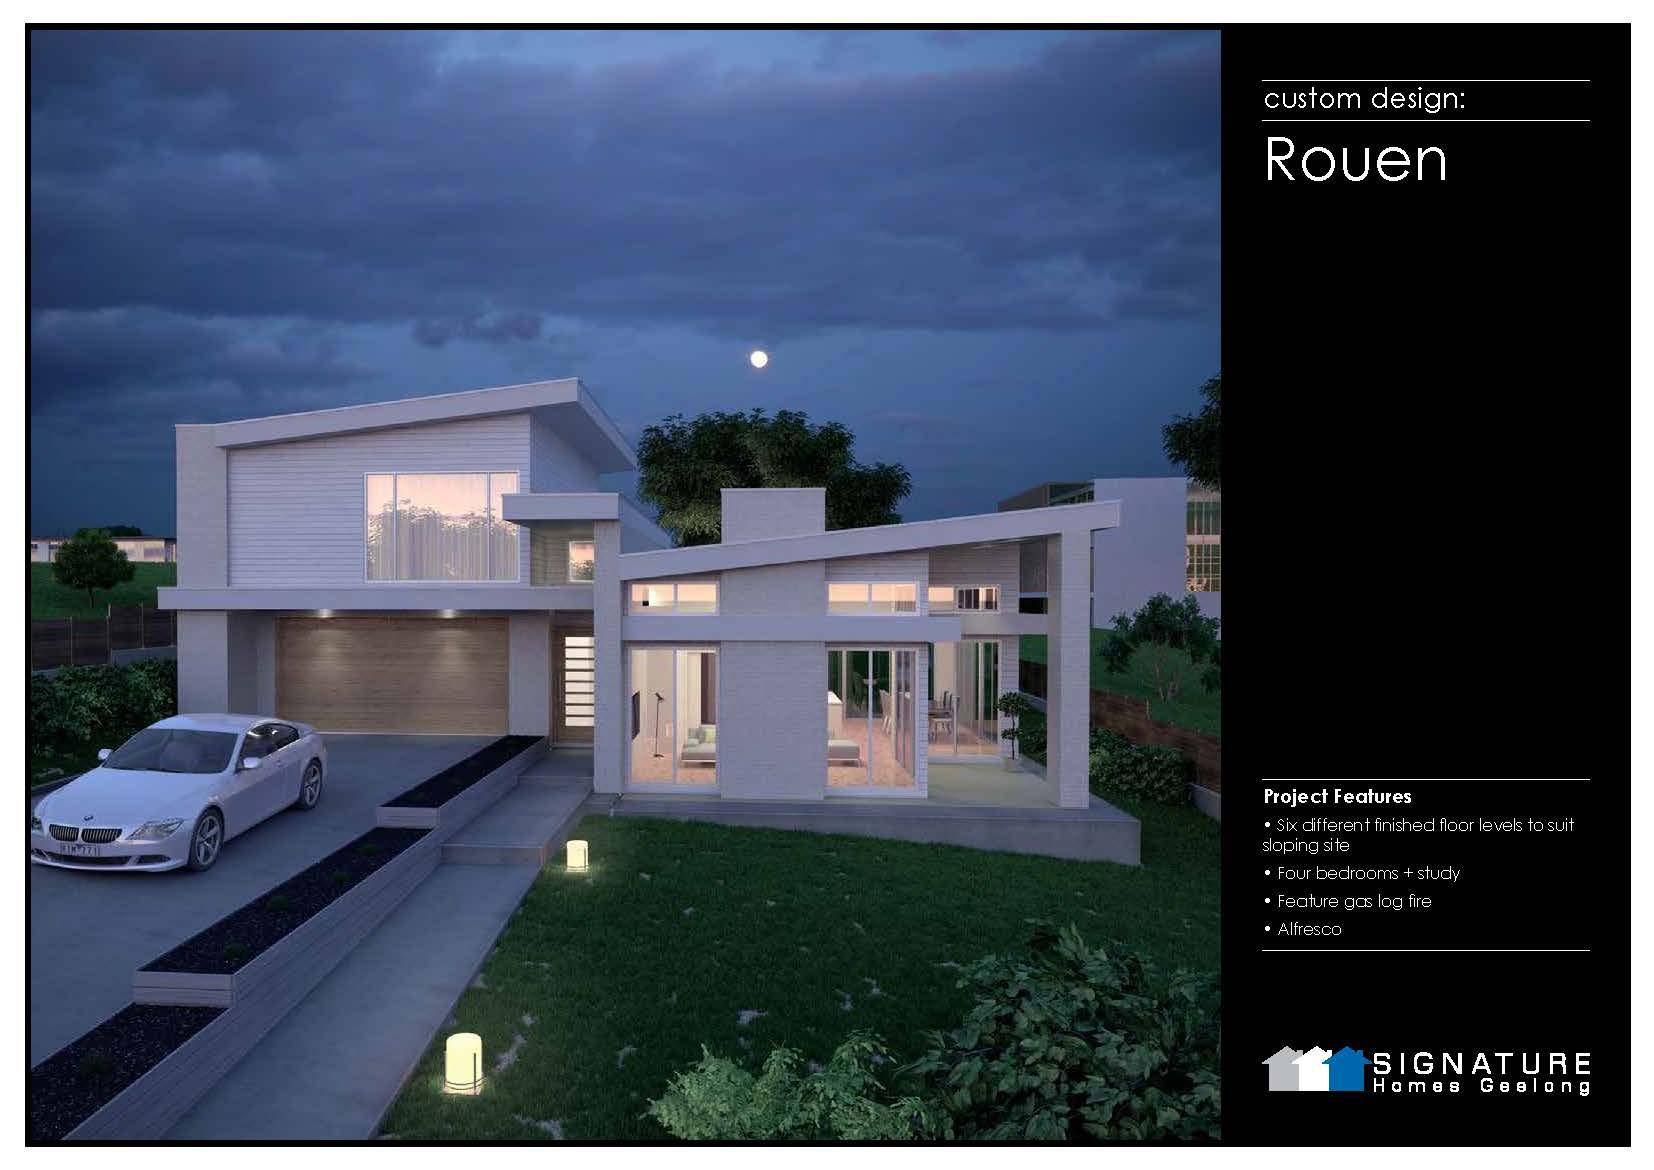 rouen-1